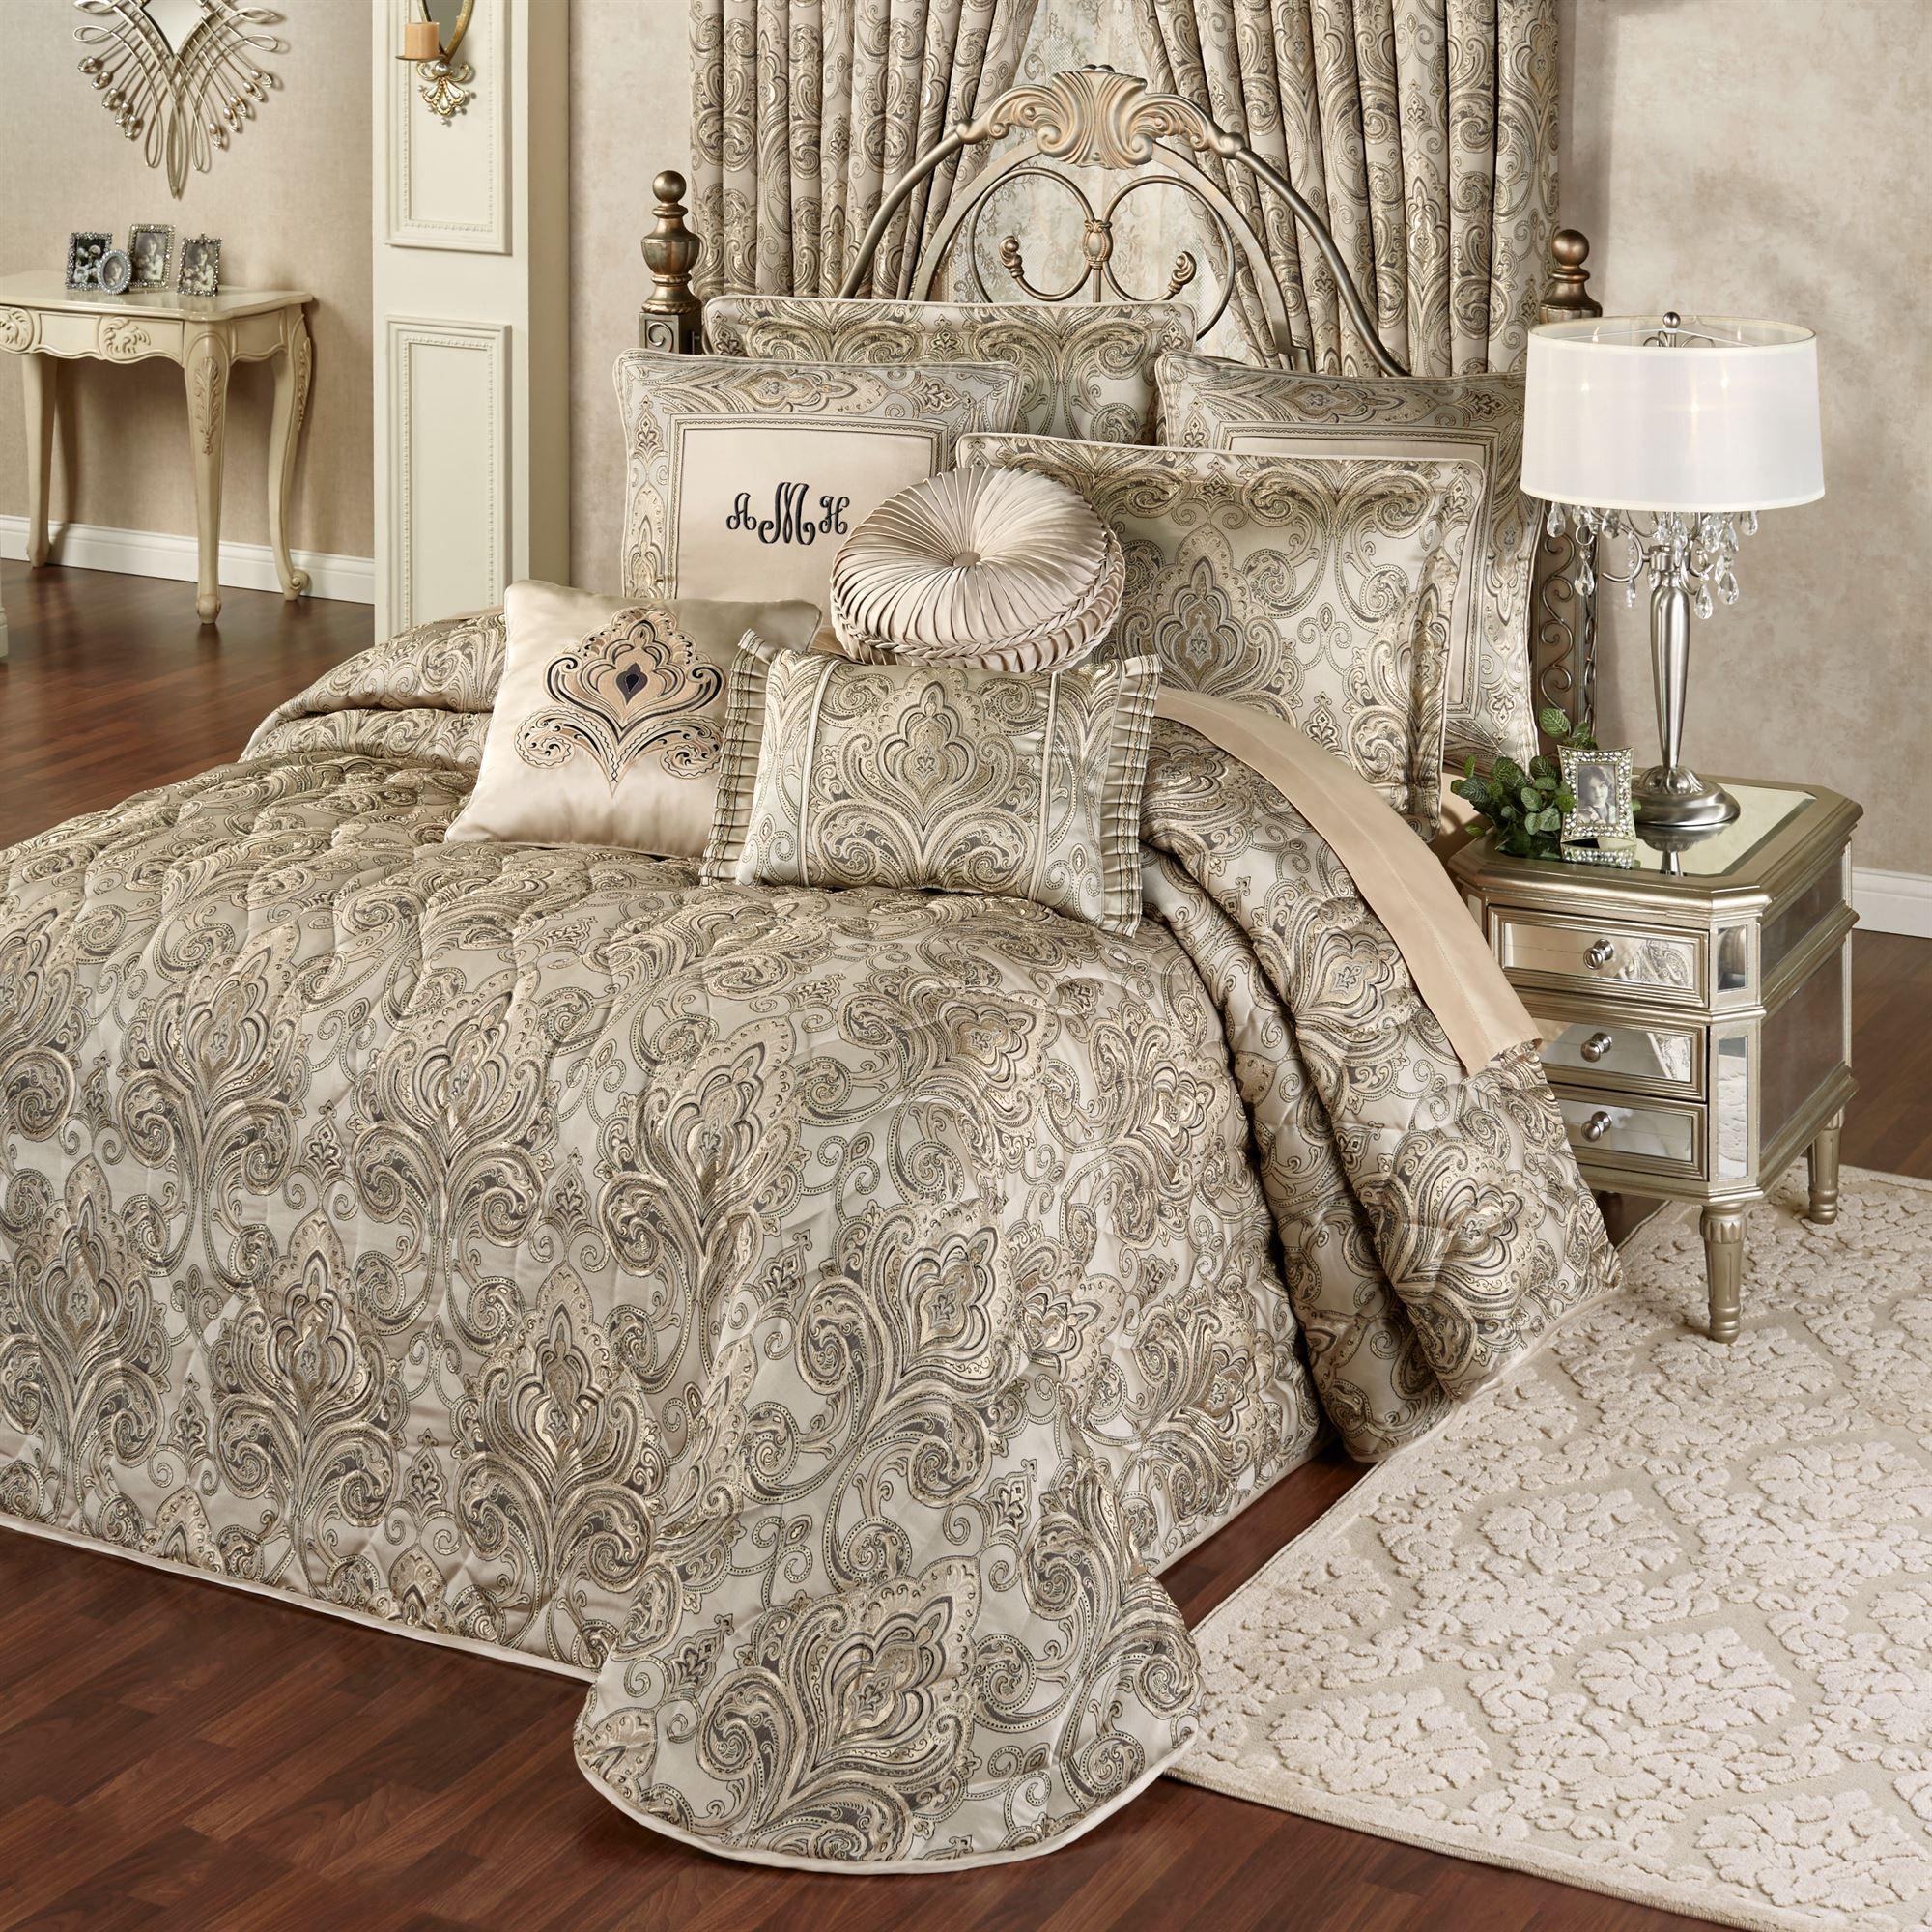 Grandeur fleur de lis damask oversized quilted bedspread